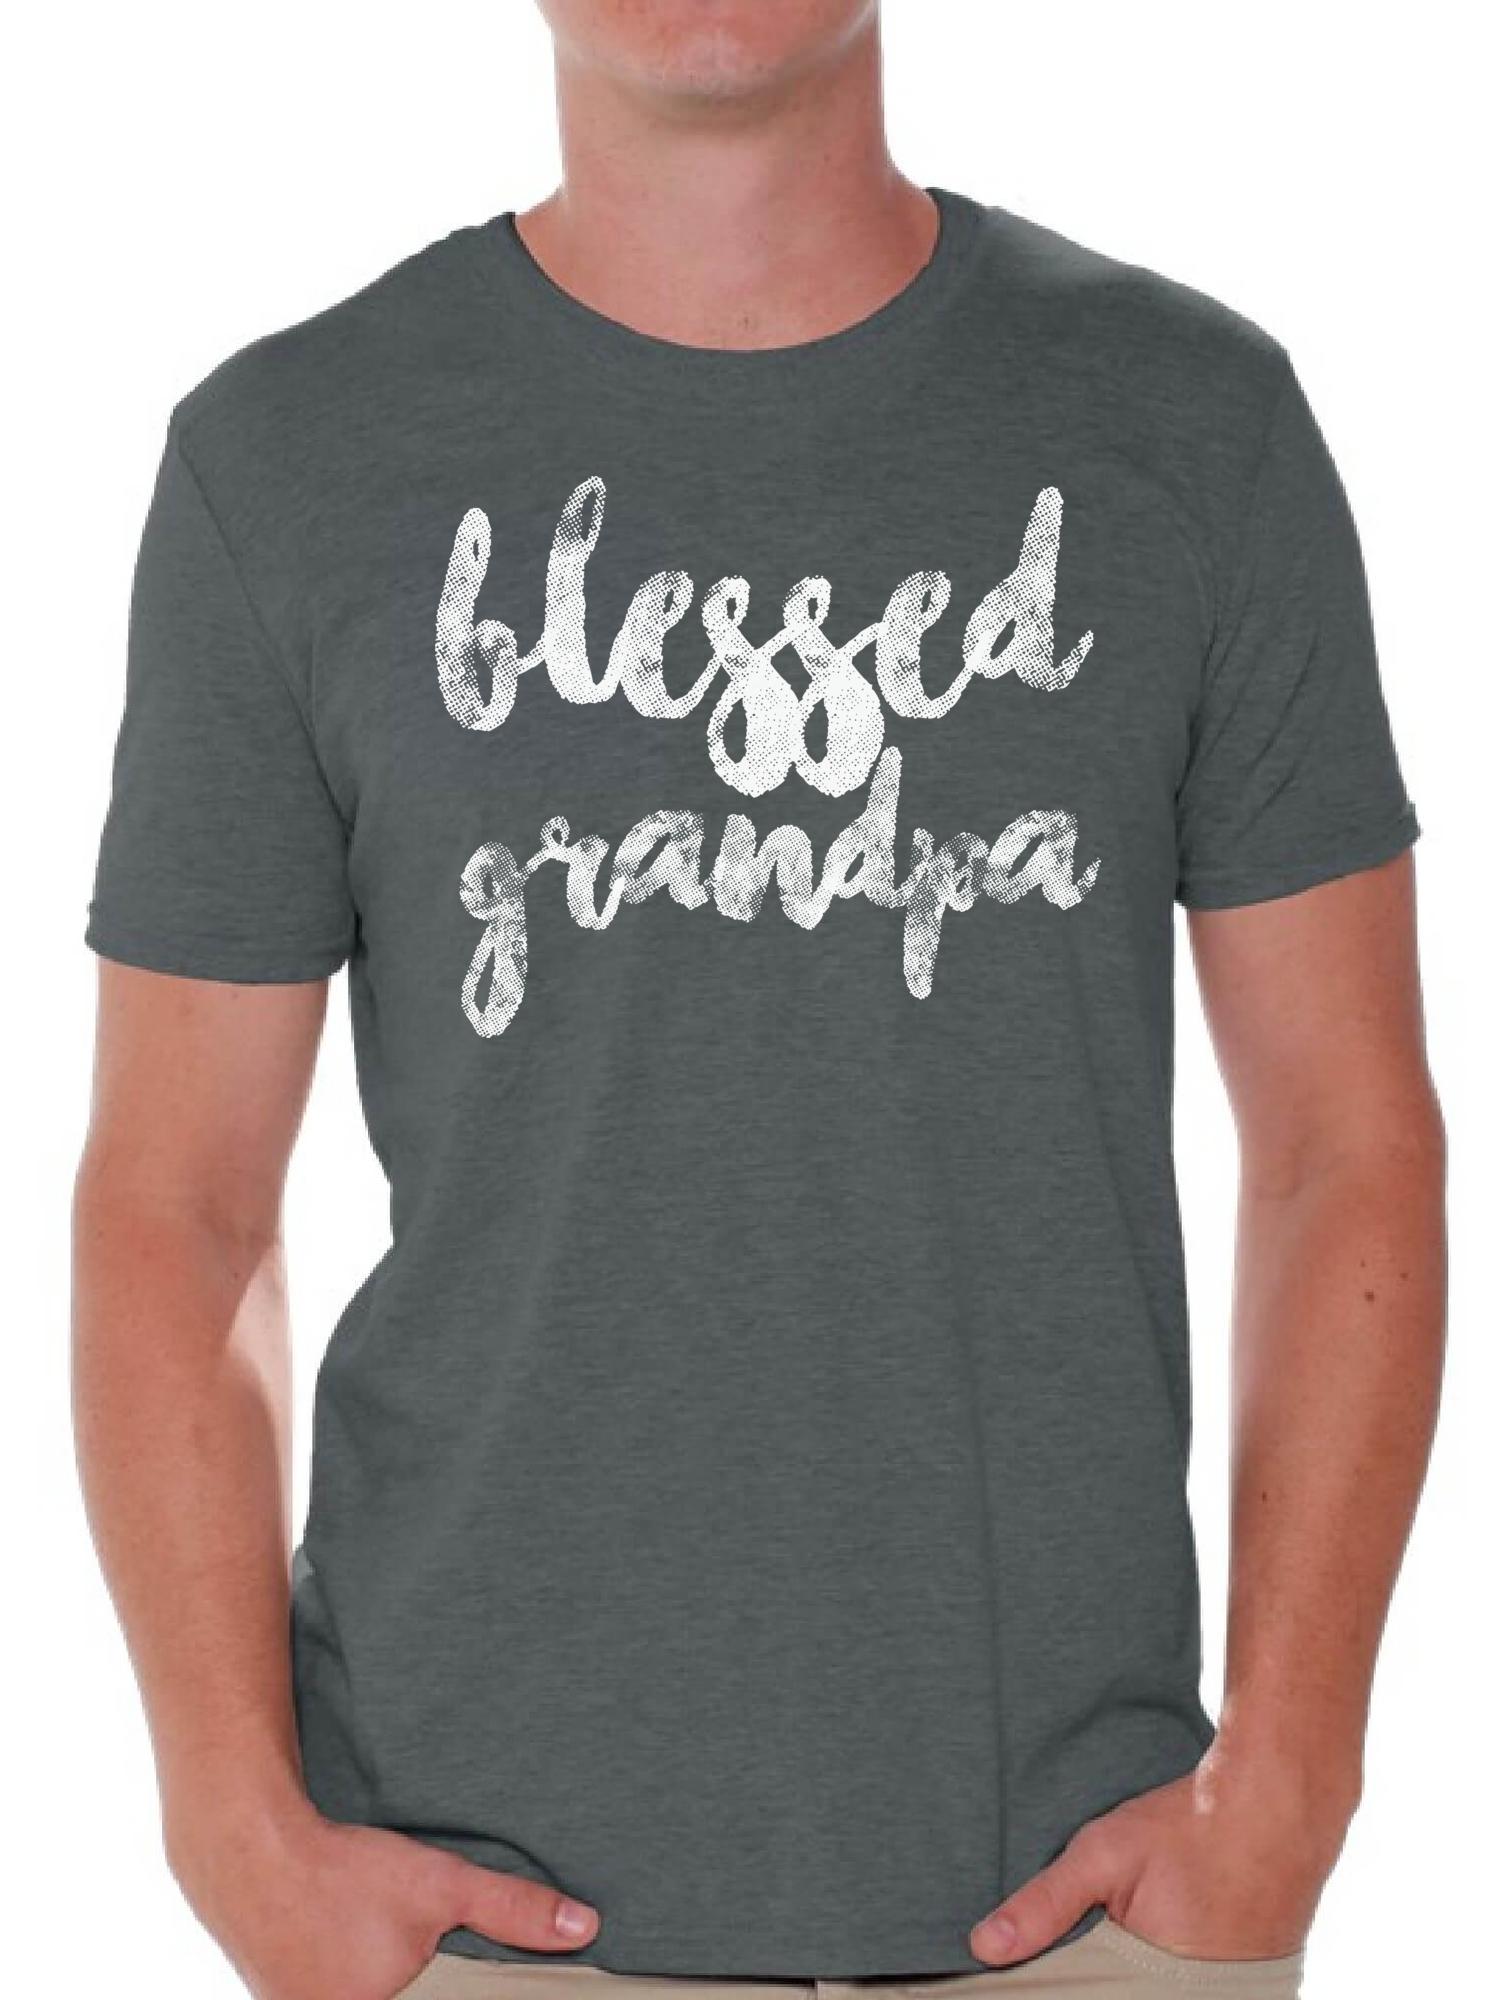 Awesome GRANDAD T Shirt grandpa gift birthday present papa mens